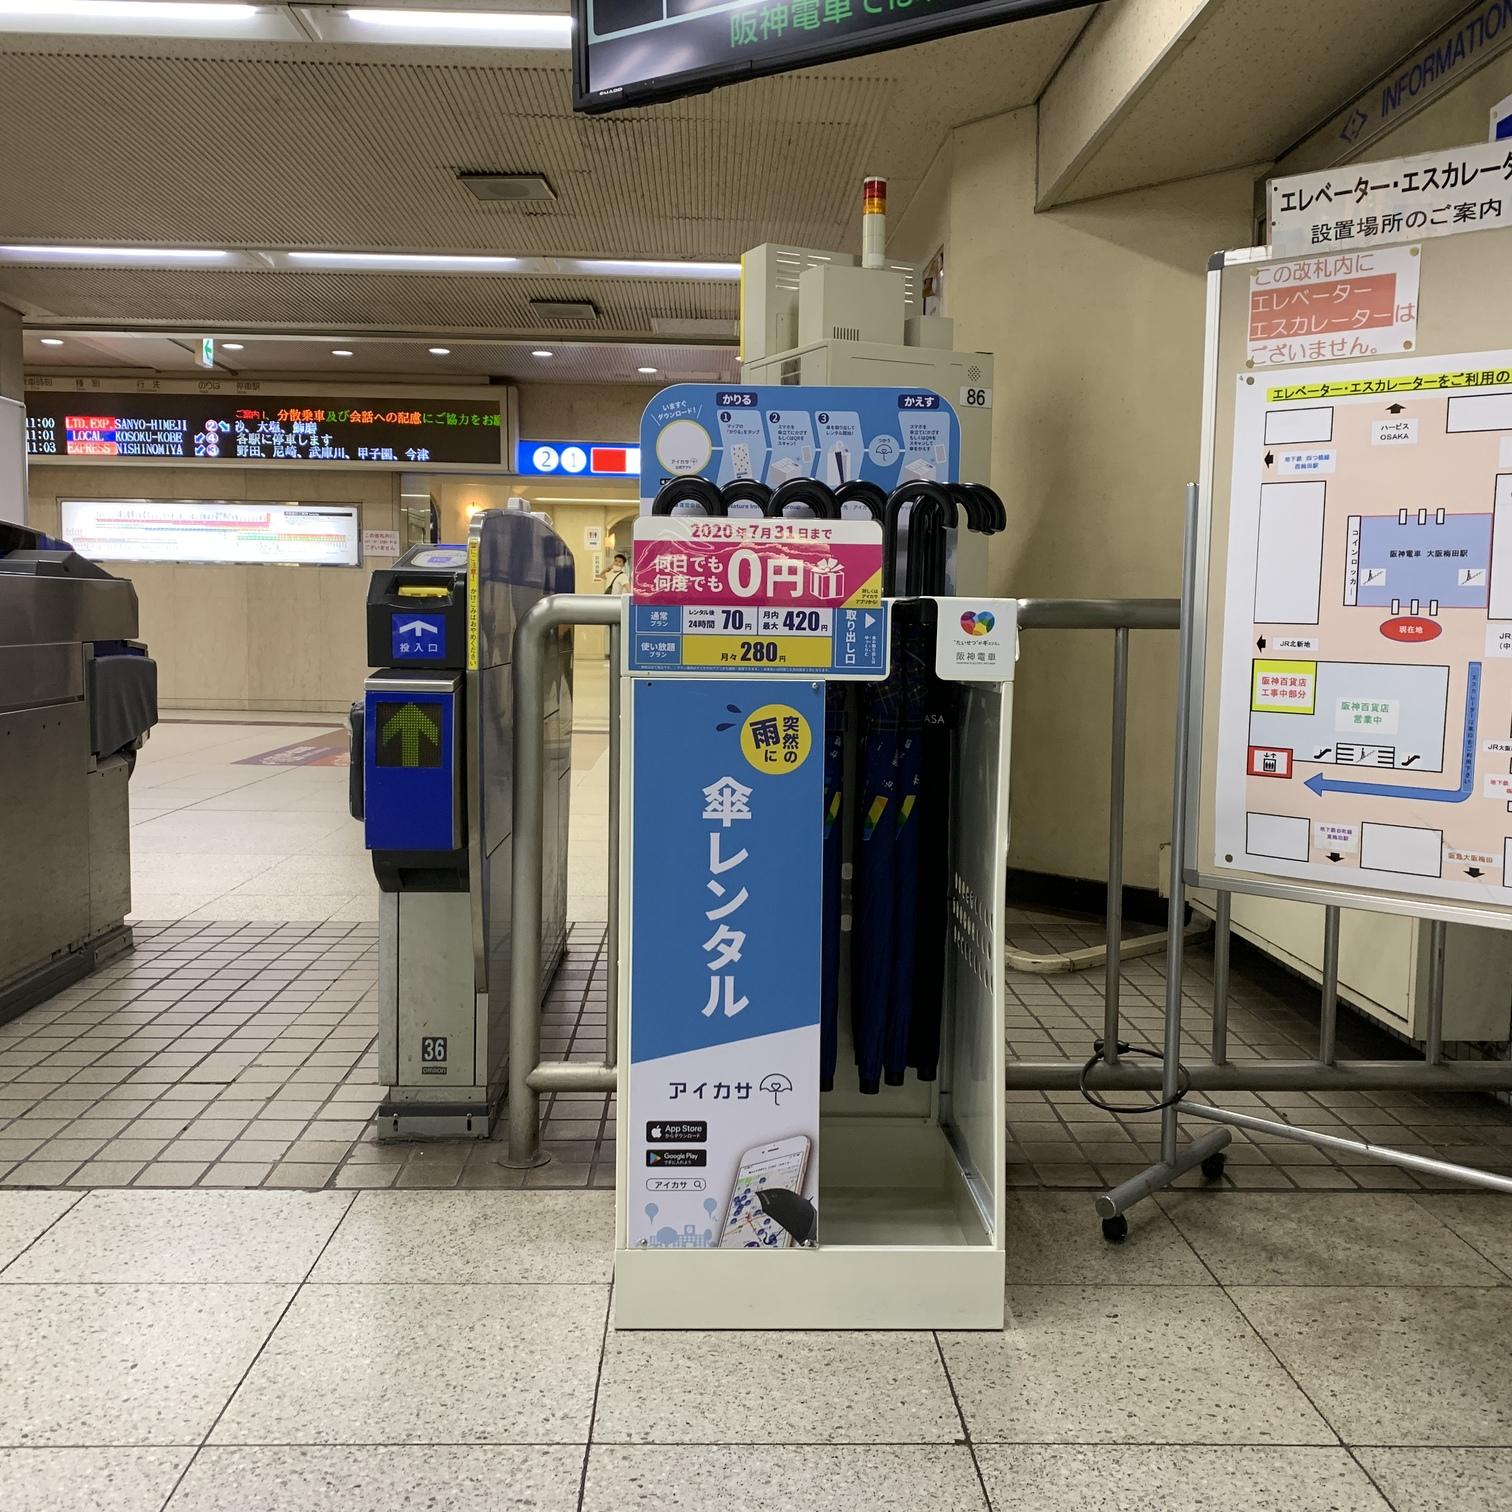 アイカサ 大阪梅田駅 百貨店口